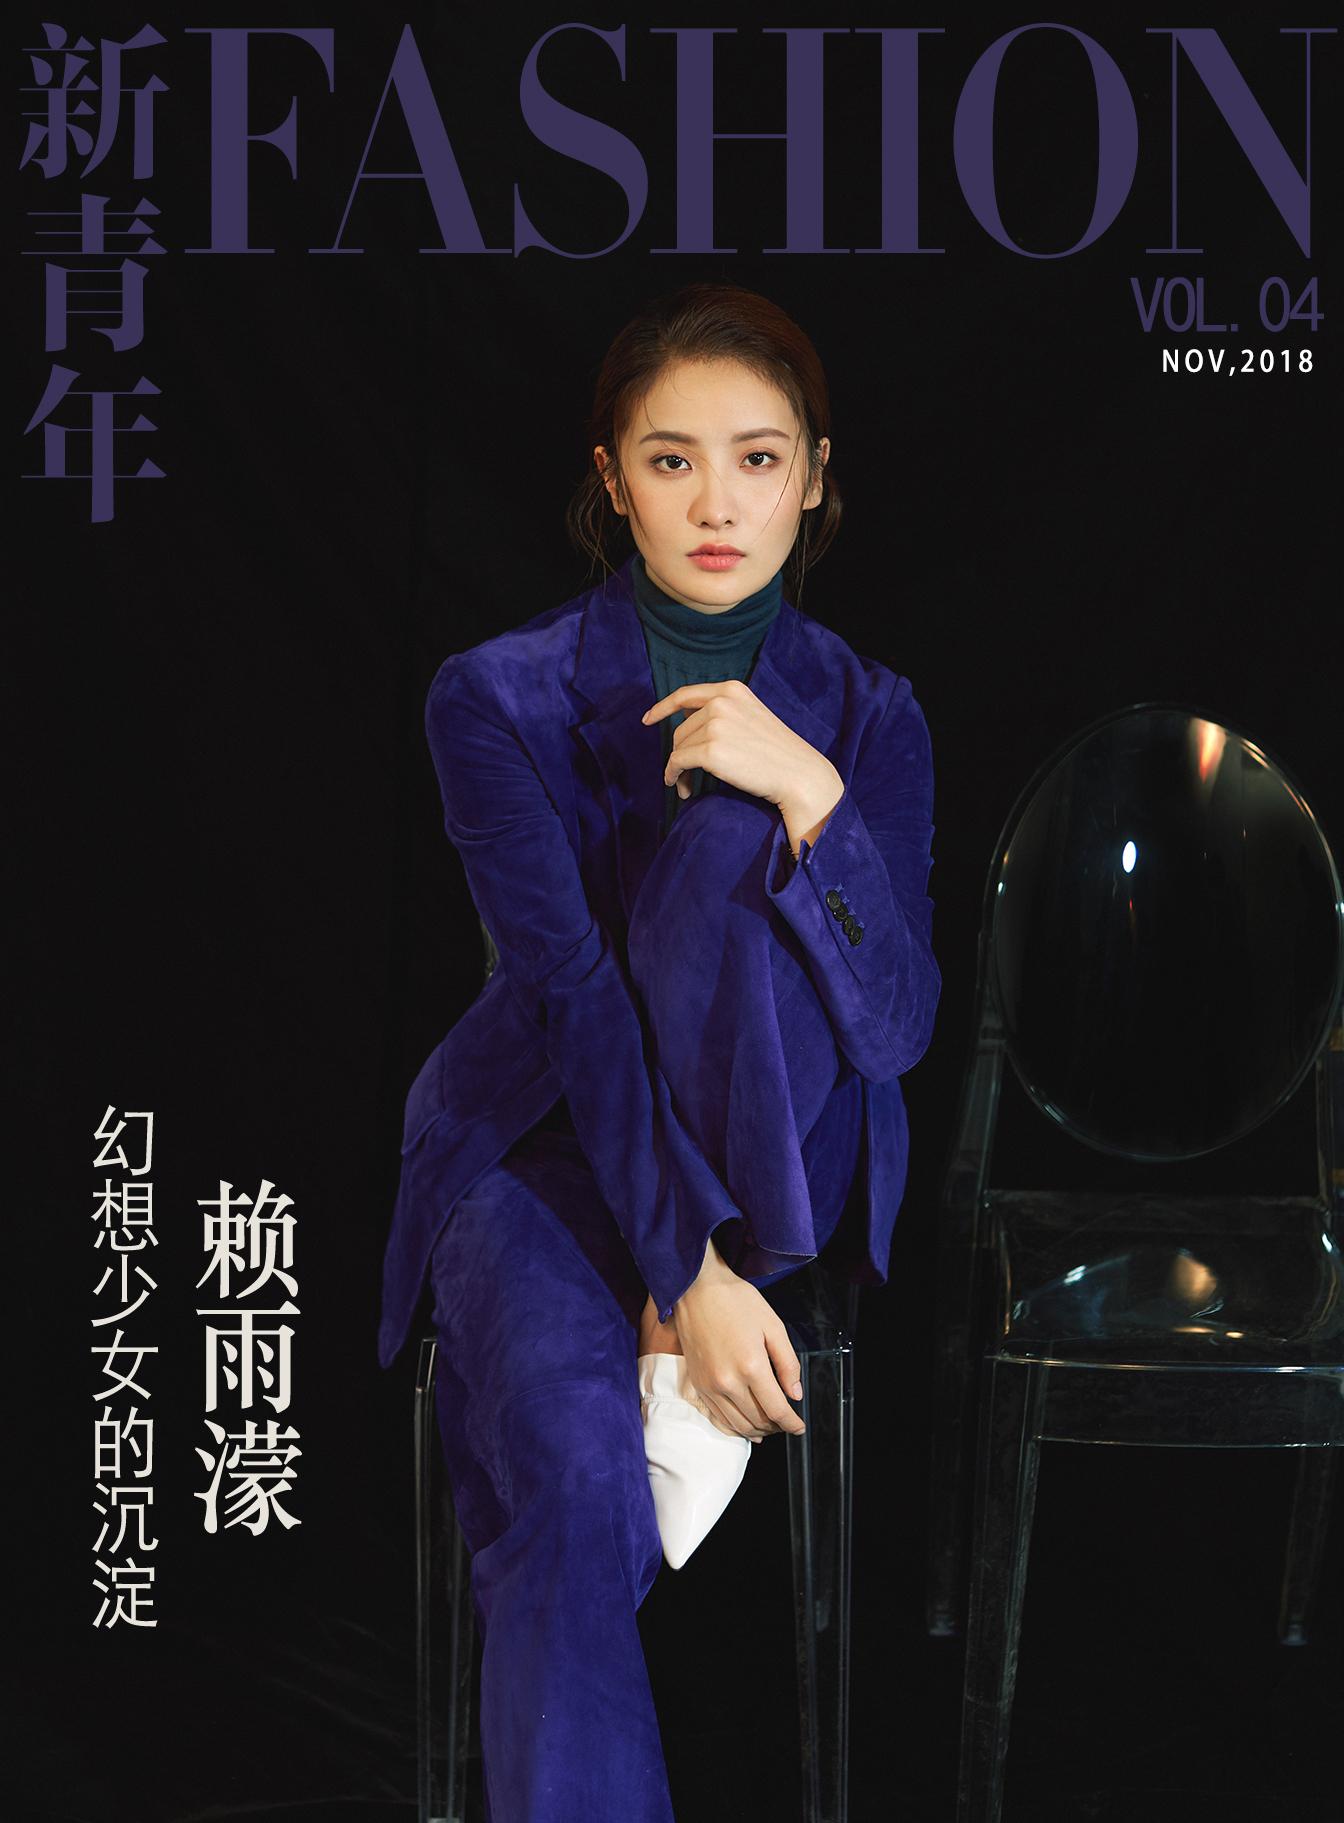 赖雨濛时尚大片曝光 诠释幻想少女的奇妙世界